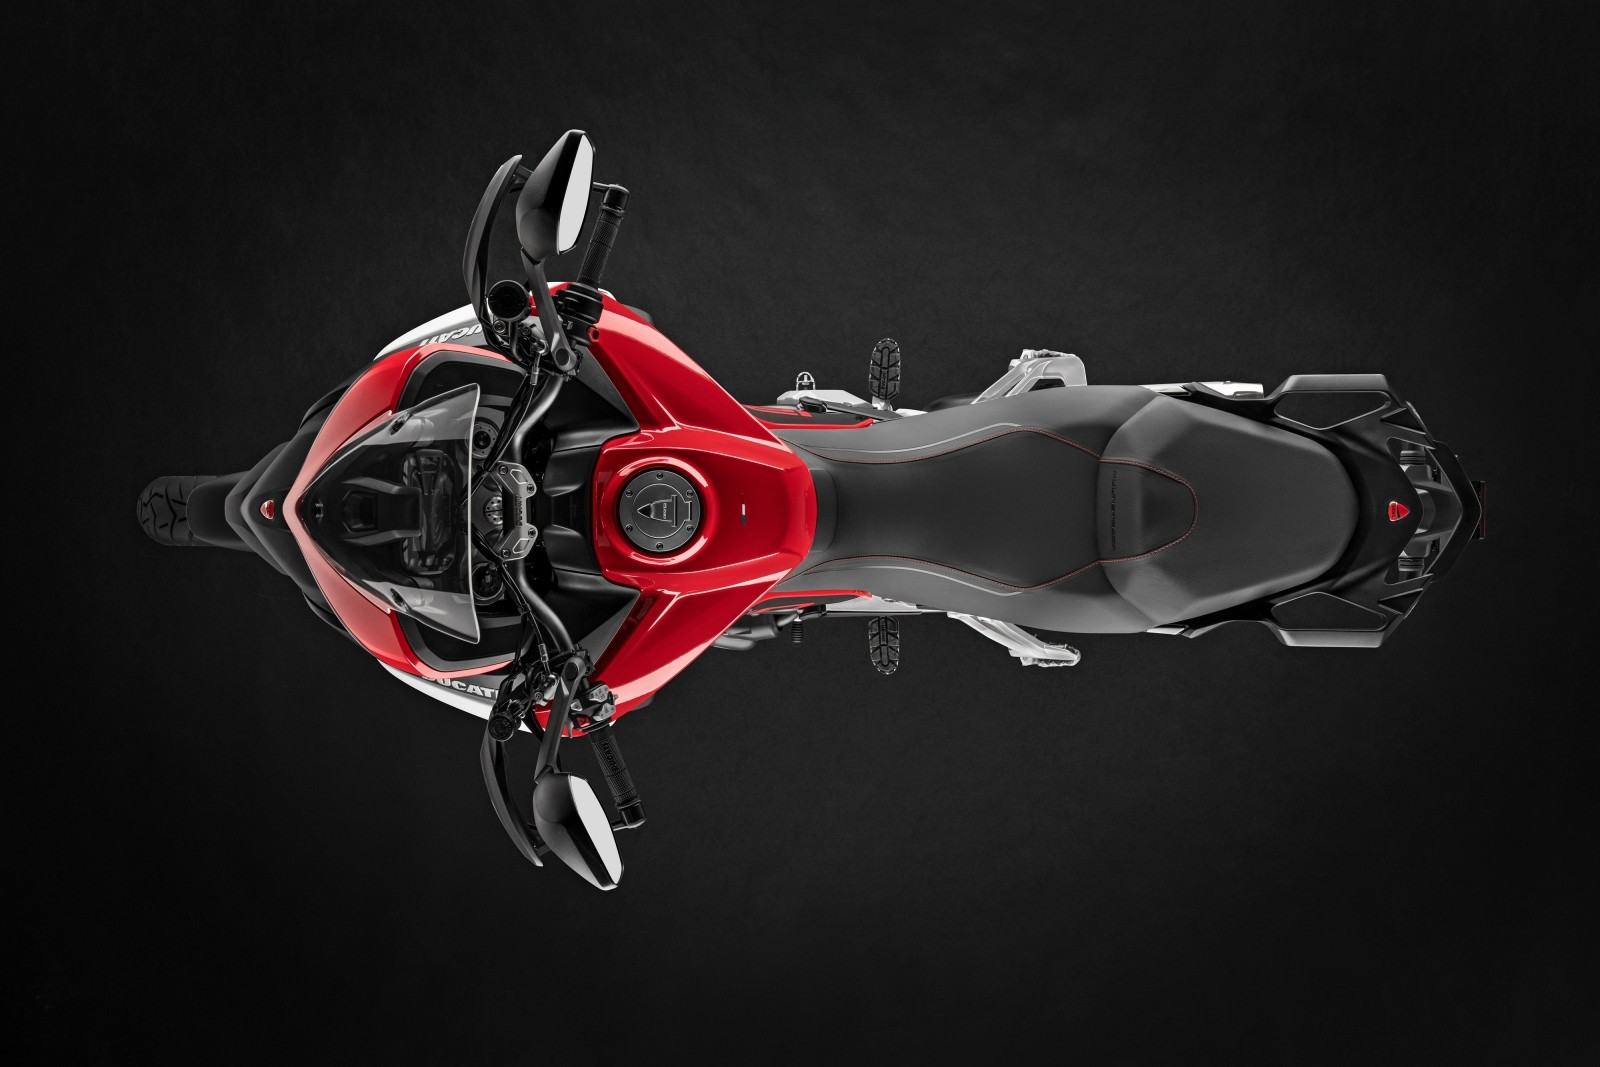 Foto de Ducati Multistrada 1260 Enduro 2019 (22/68)